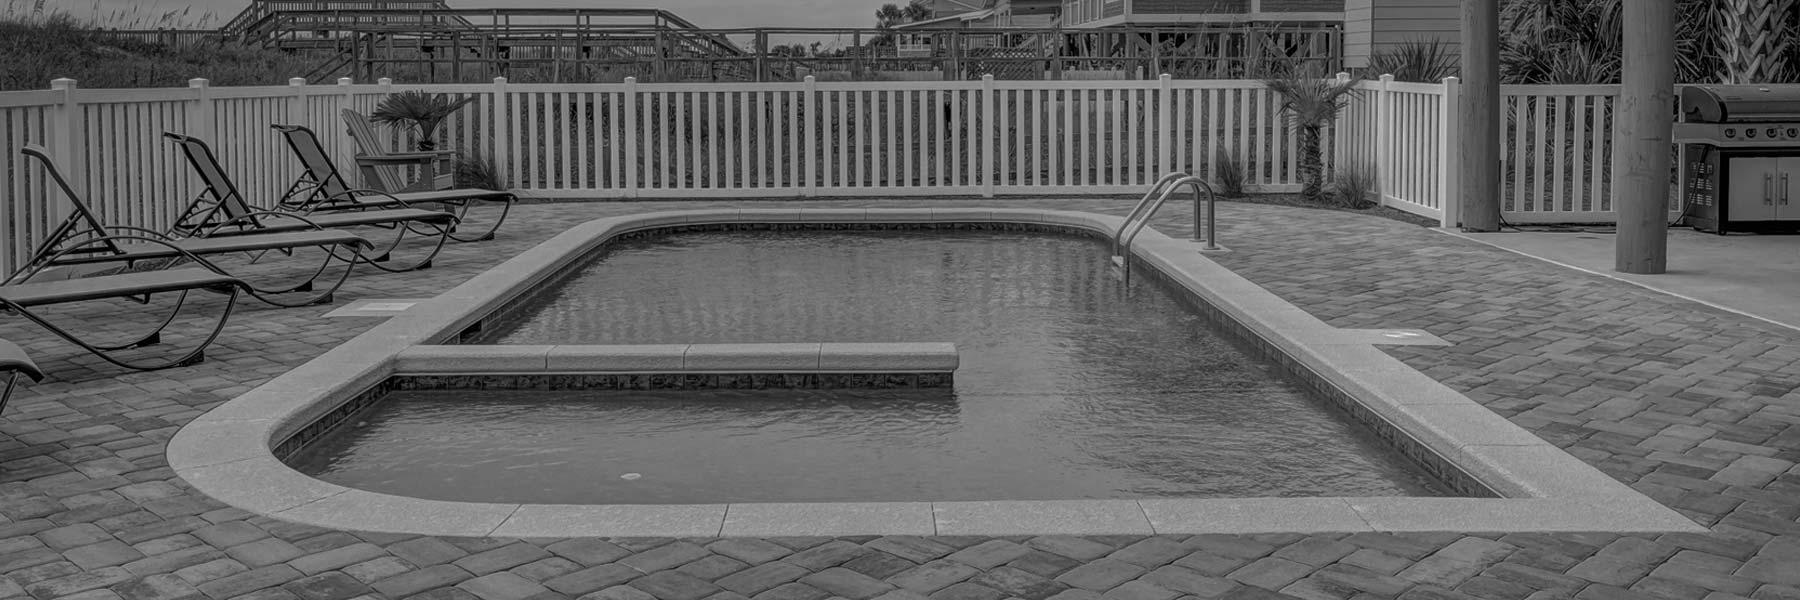 Cu nto cuesta hacer una piscina de obra cratos for Cuanto cuesta piscina obra